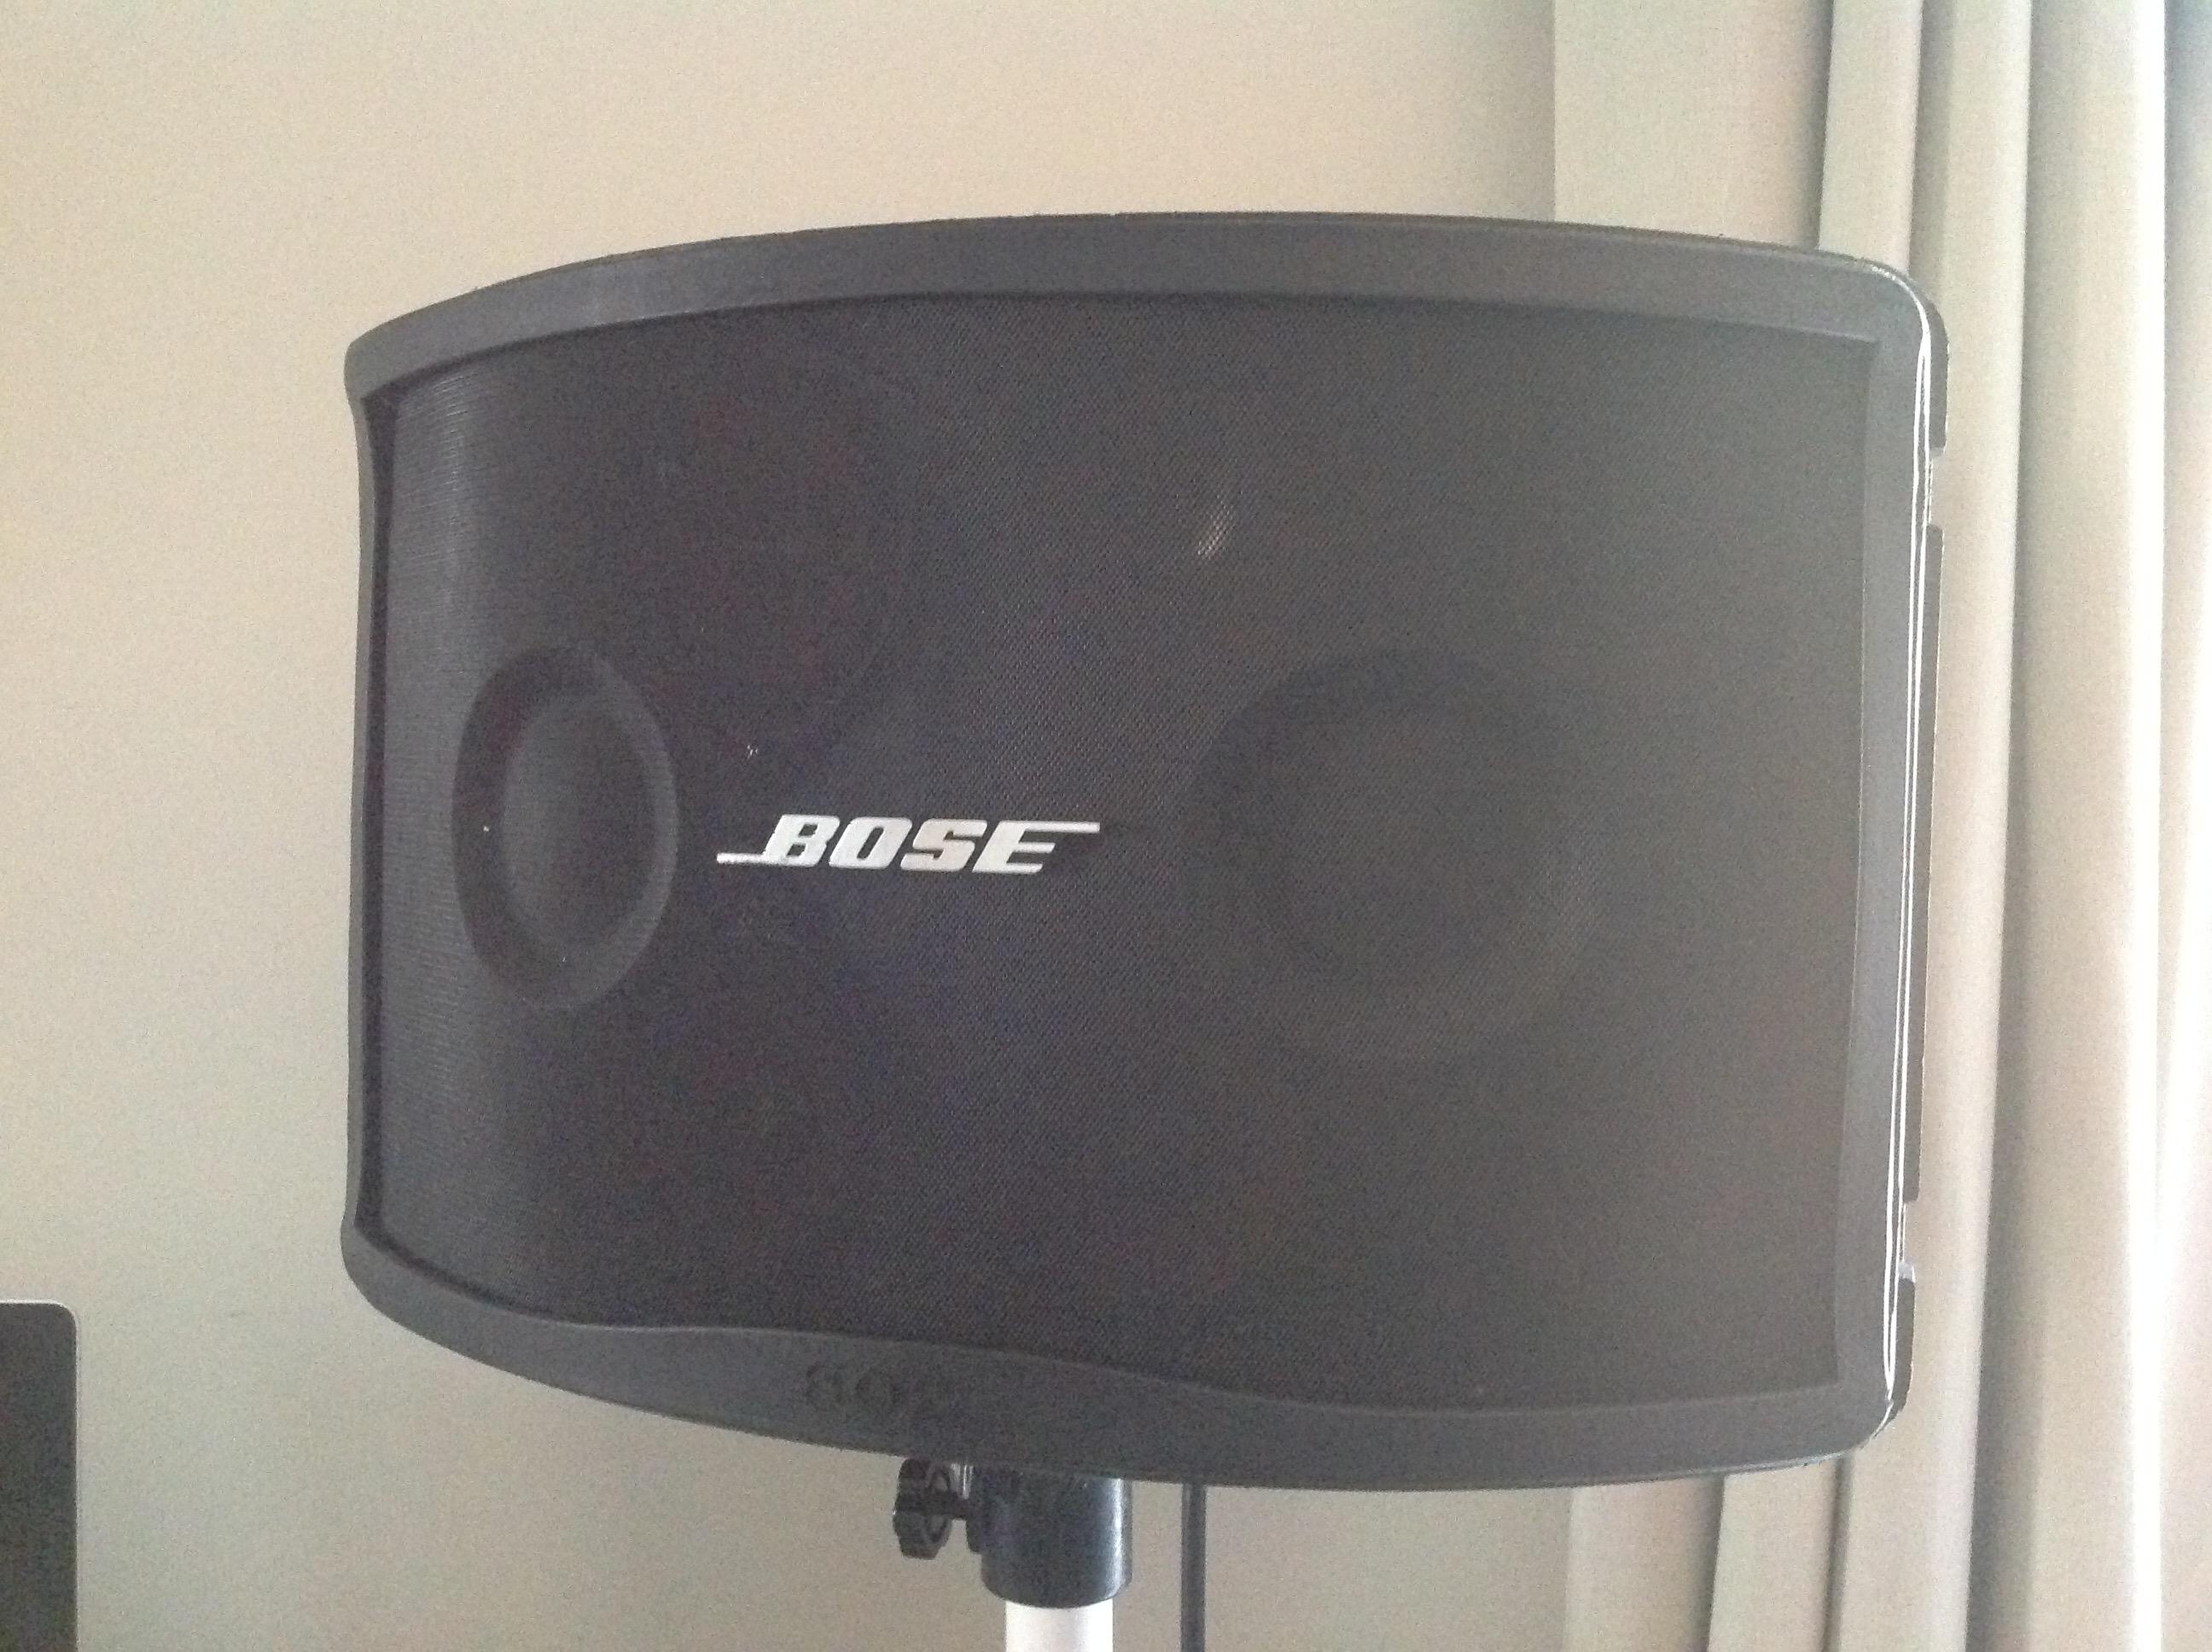 systeme bose ampli 1800 s rie vi et enceintes 802 s rie 3. Black Bedroom Furniture Sets. Home Design Ideas